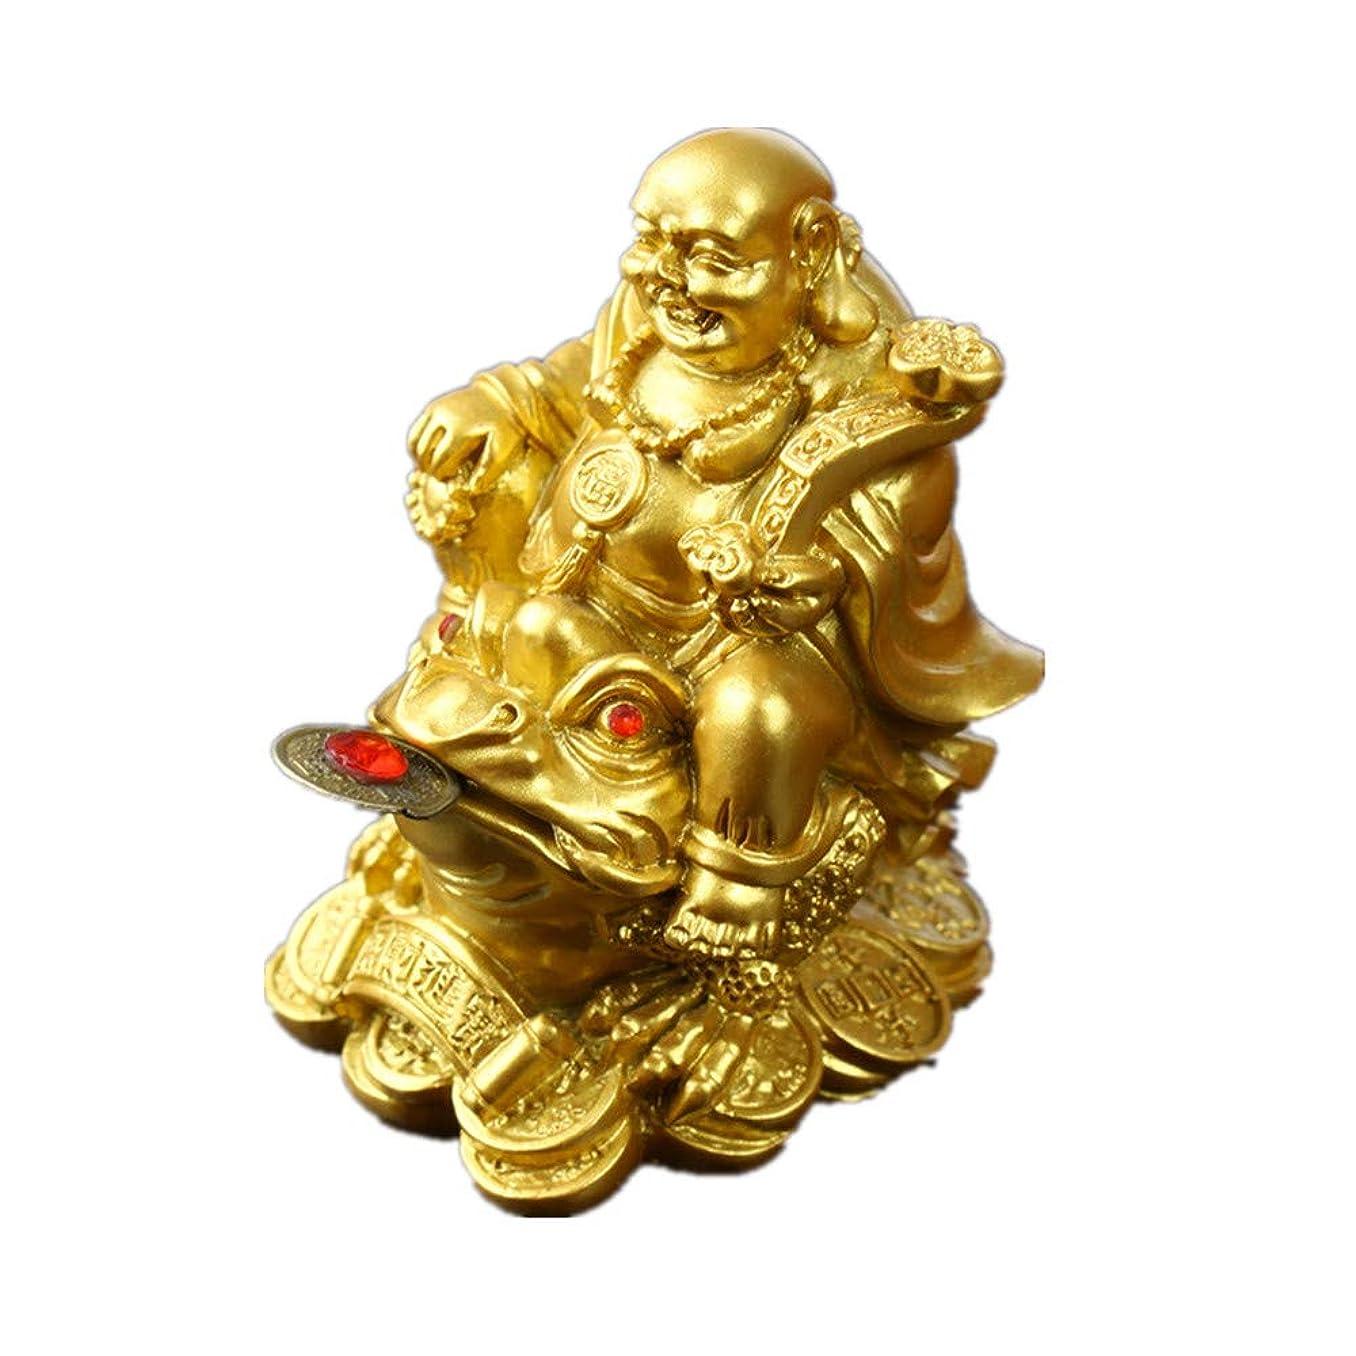 シード肘情熱的Feng Shui ポリレジン笑顔 ブッダ 座るカエル (レギンス3つ) 像 ホーム オフィス 装飾 ゴールド